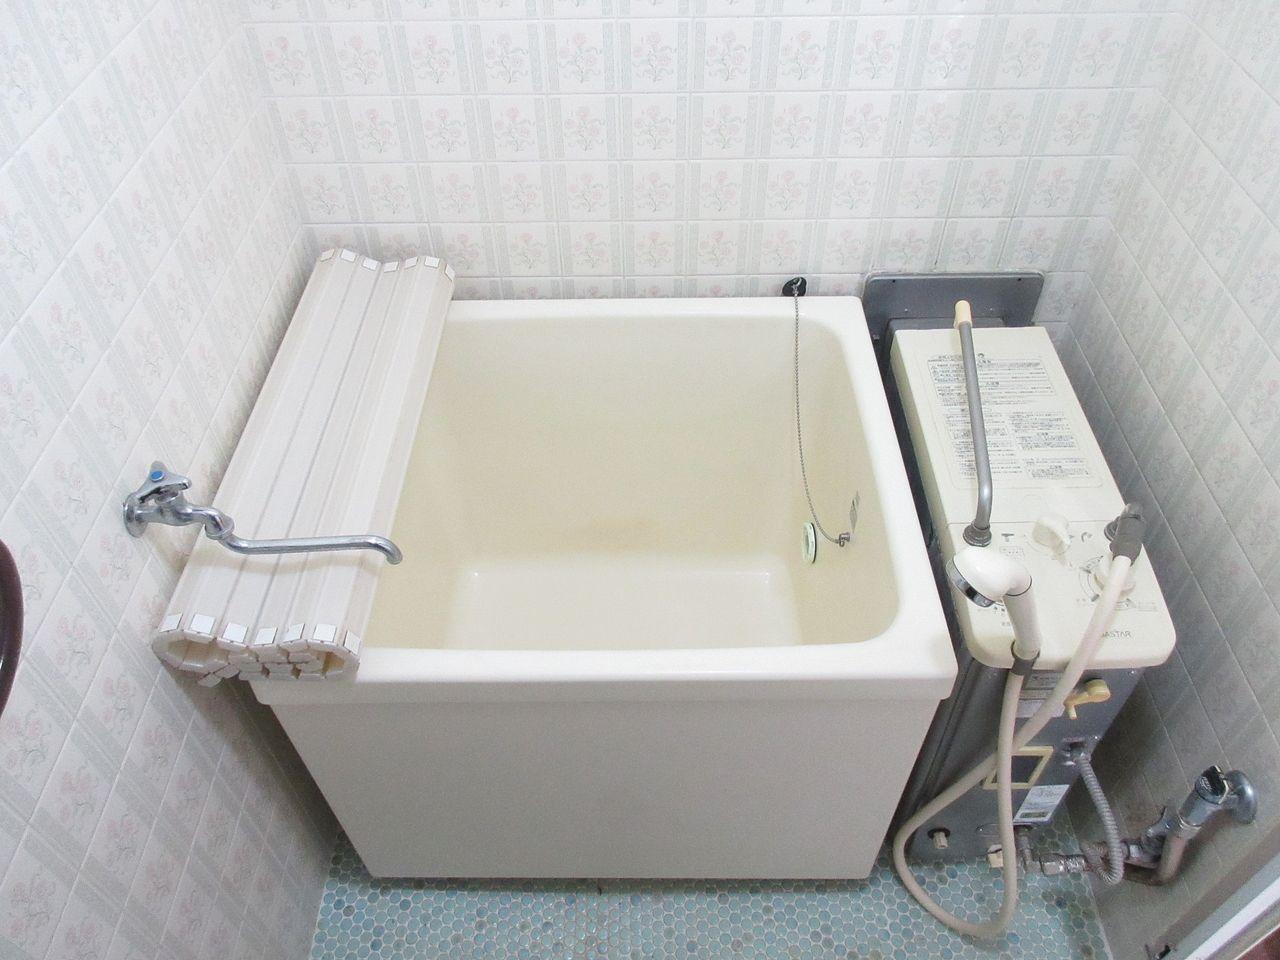 古いタイプのお風呂ですが、追い焚き機能が付いてます